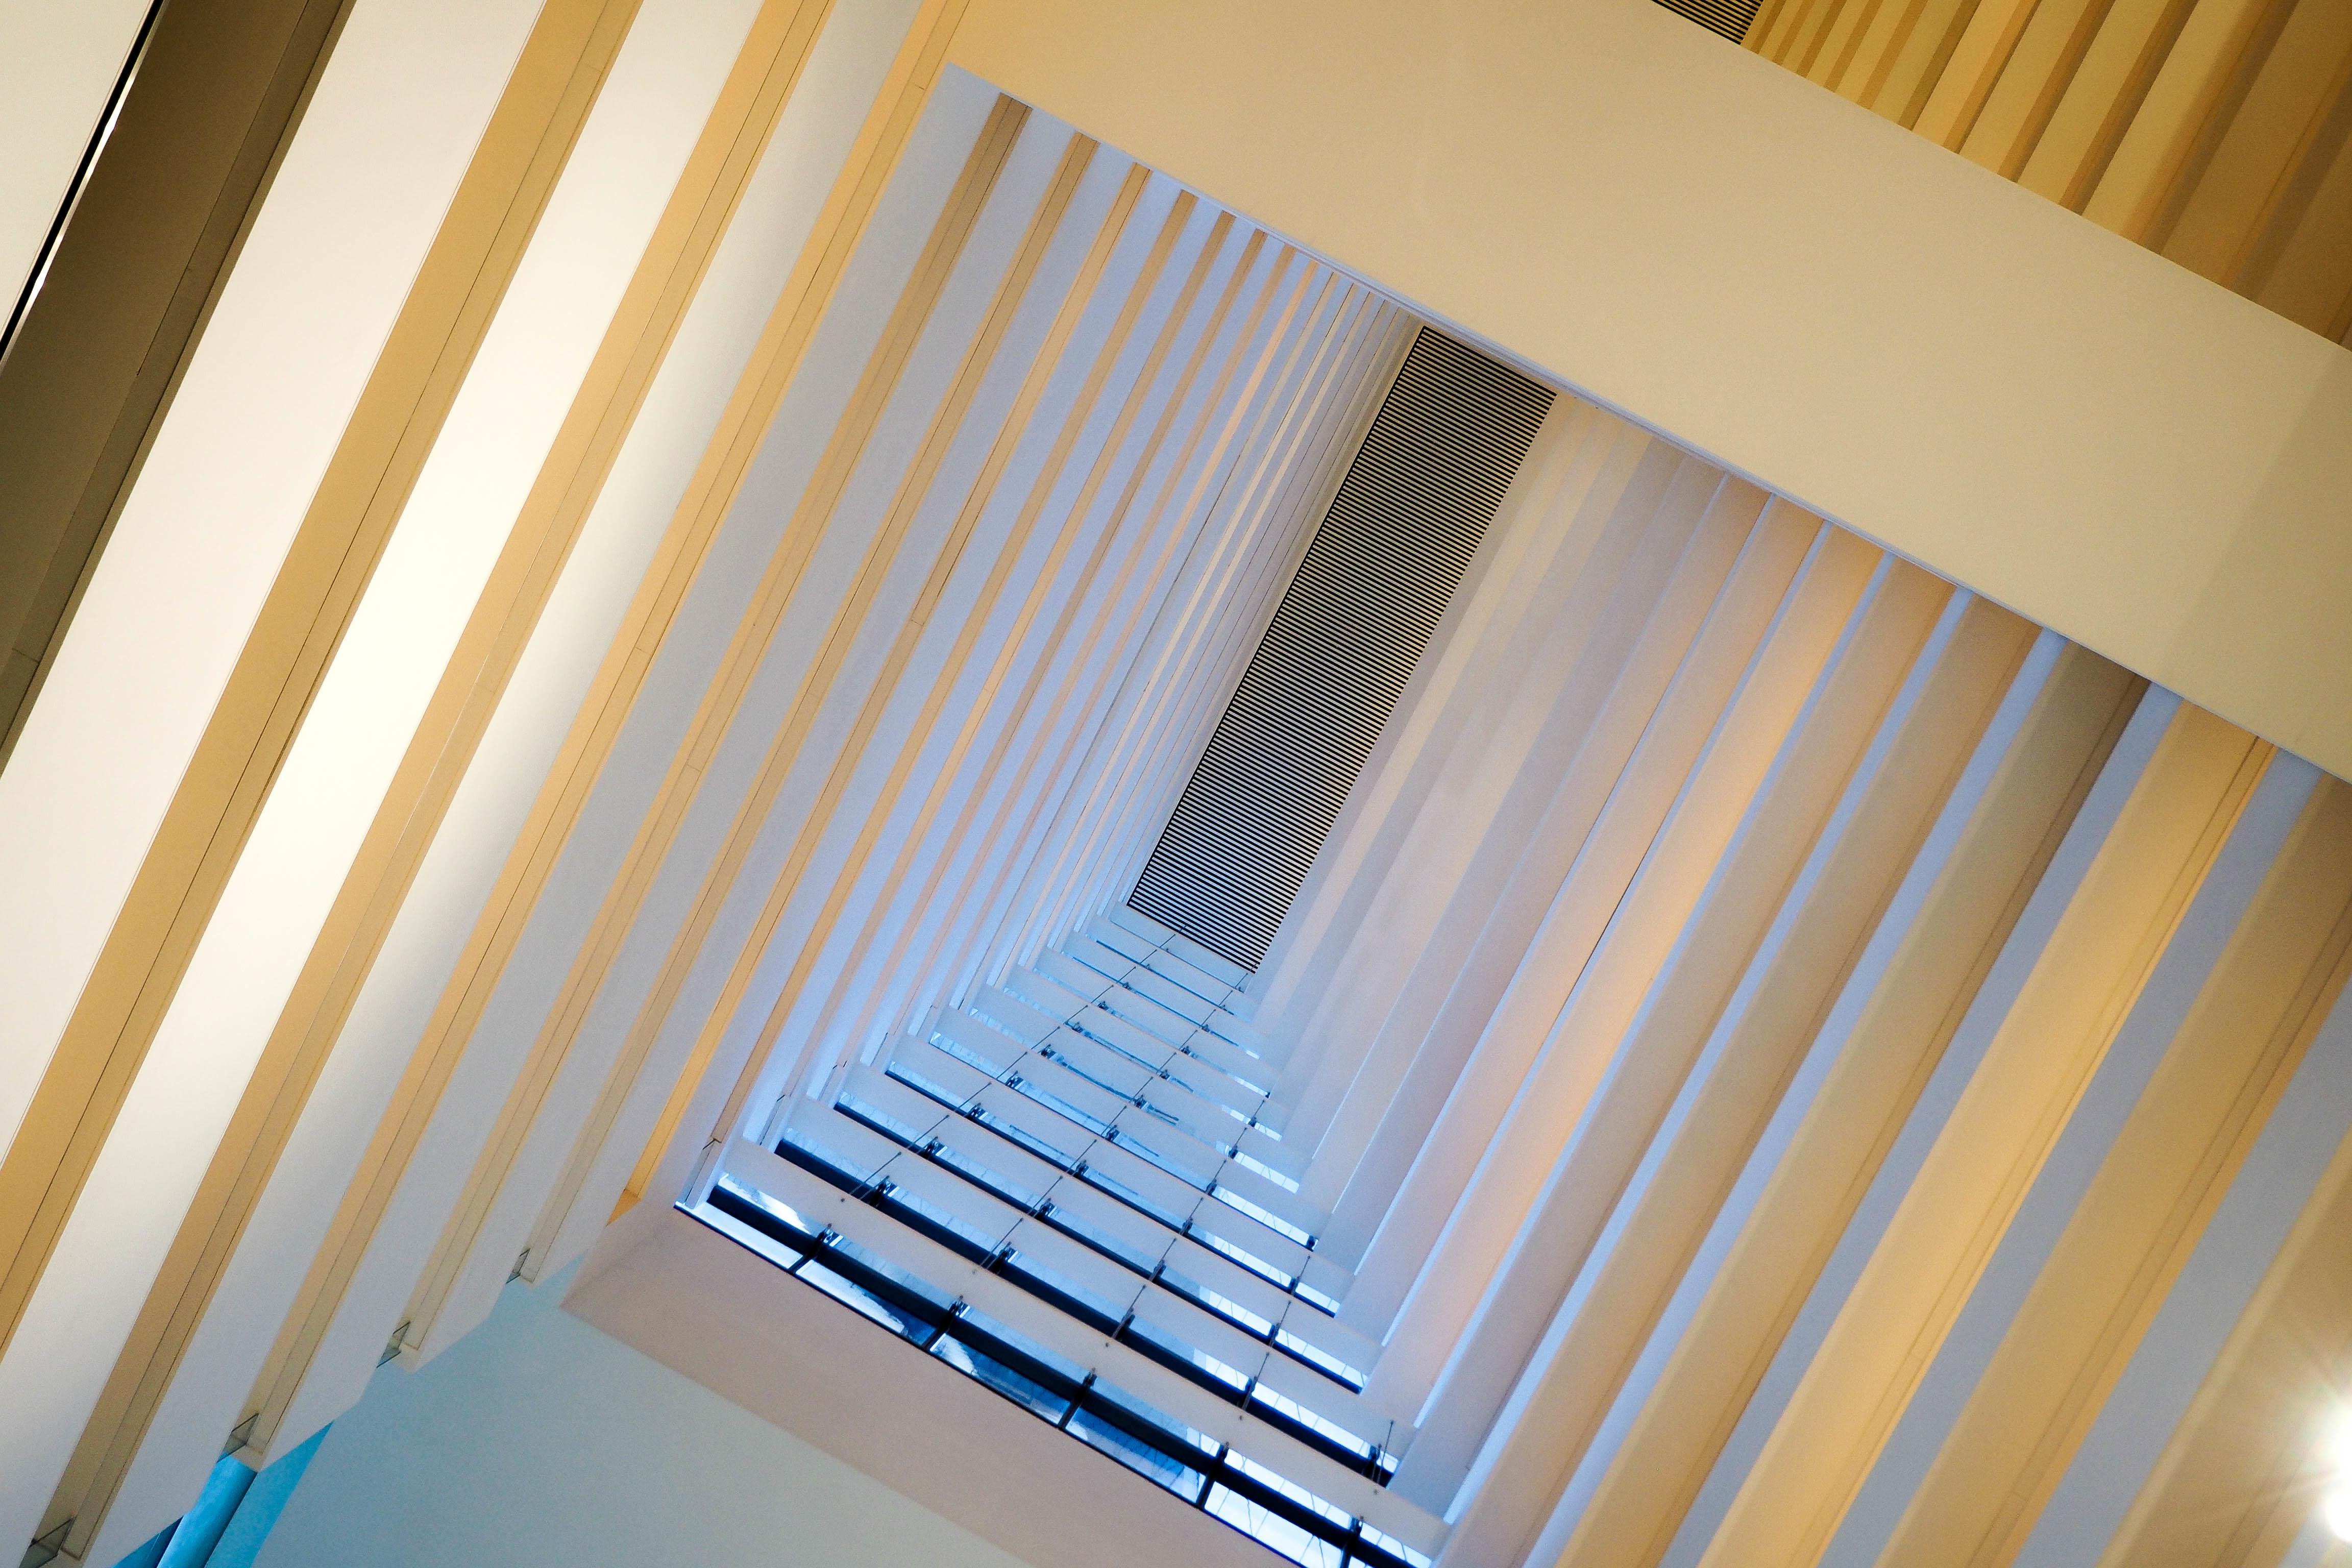 Gratuites architecture bois sol plafond ligne rideau